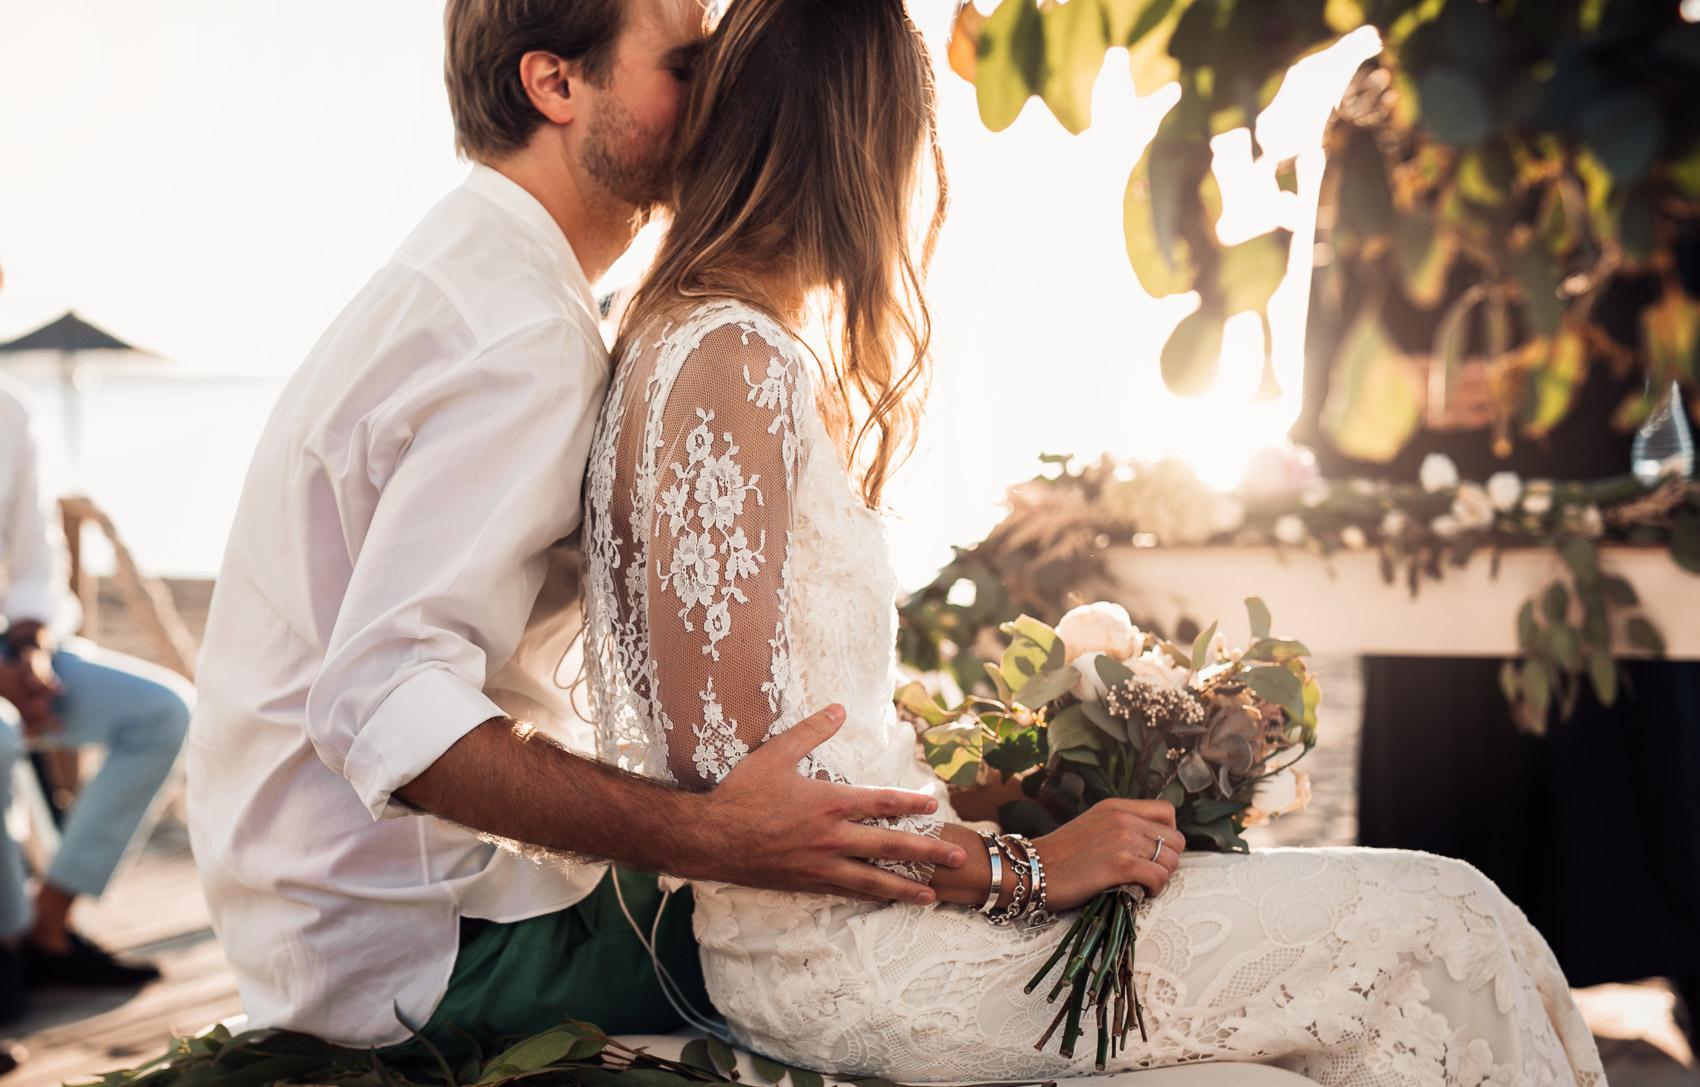 novios pareja beach vestido camisa ramo wedding casados